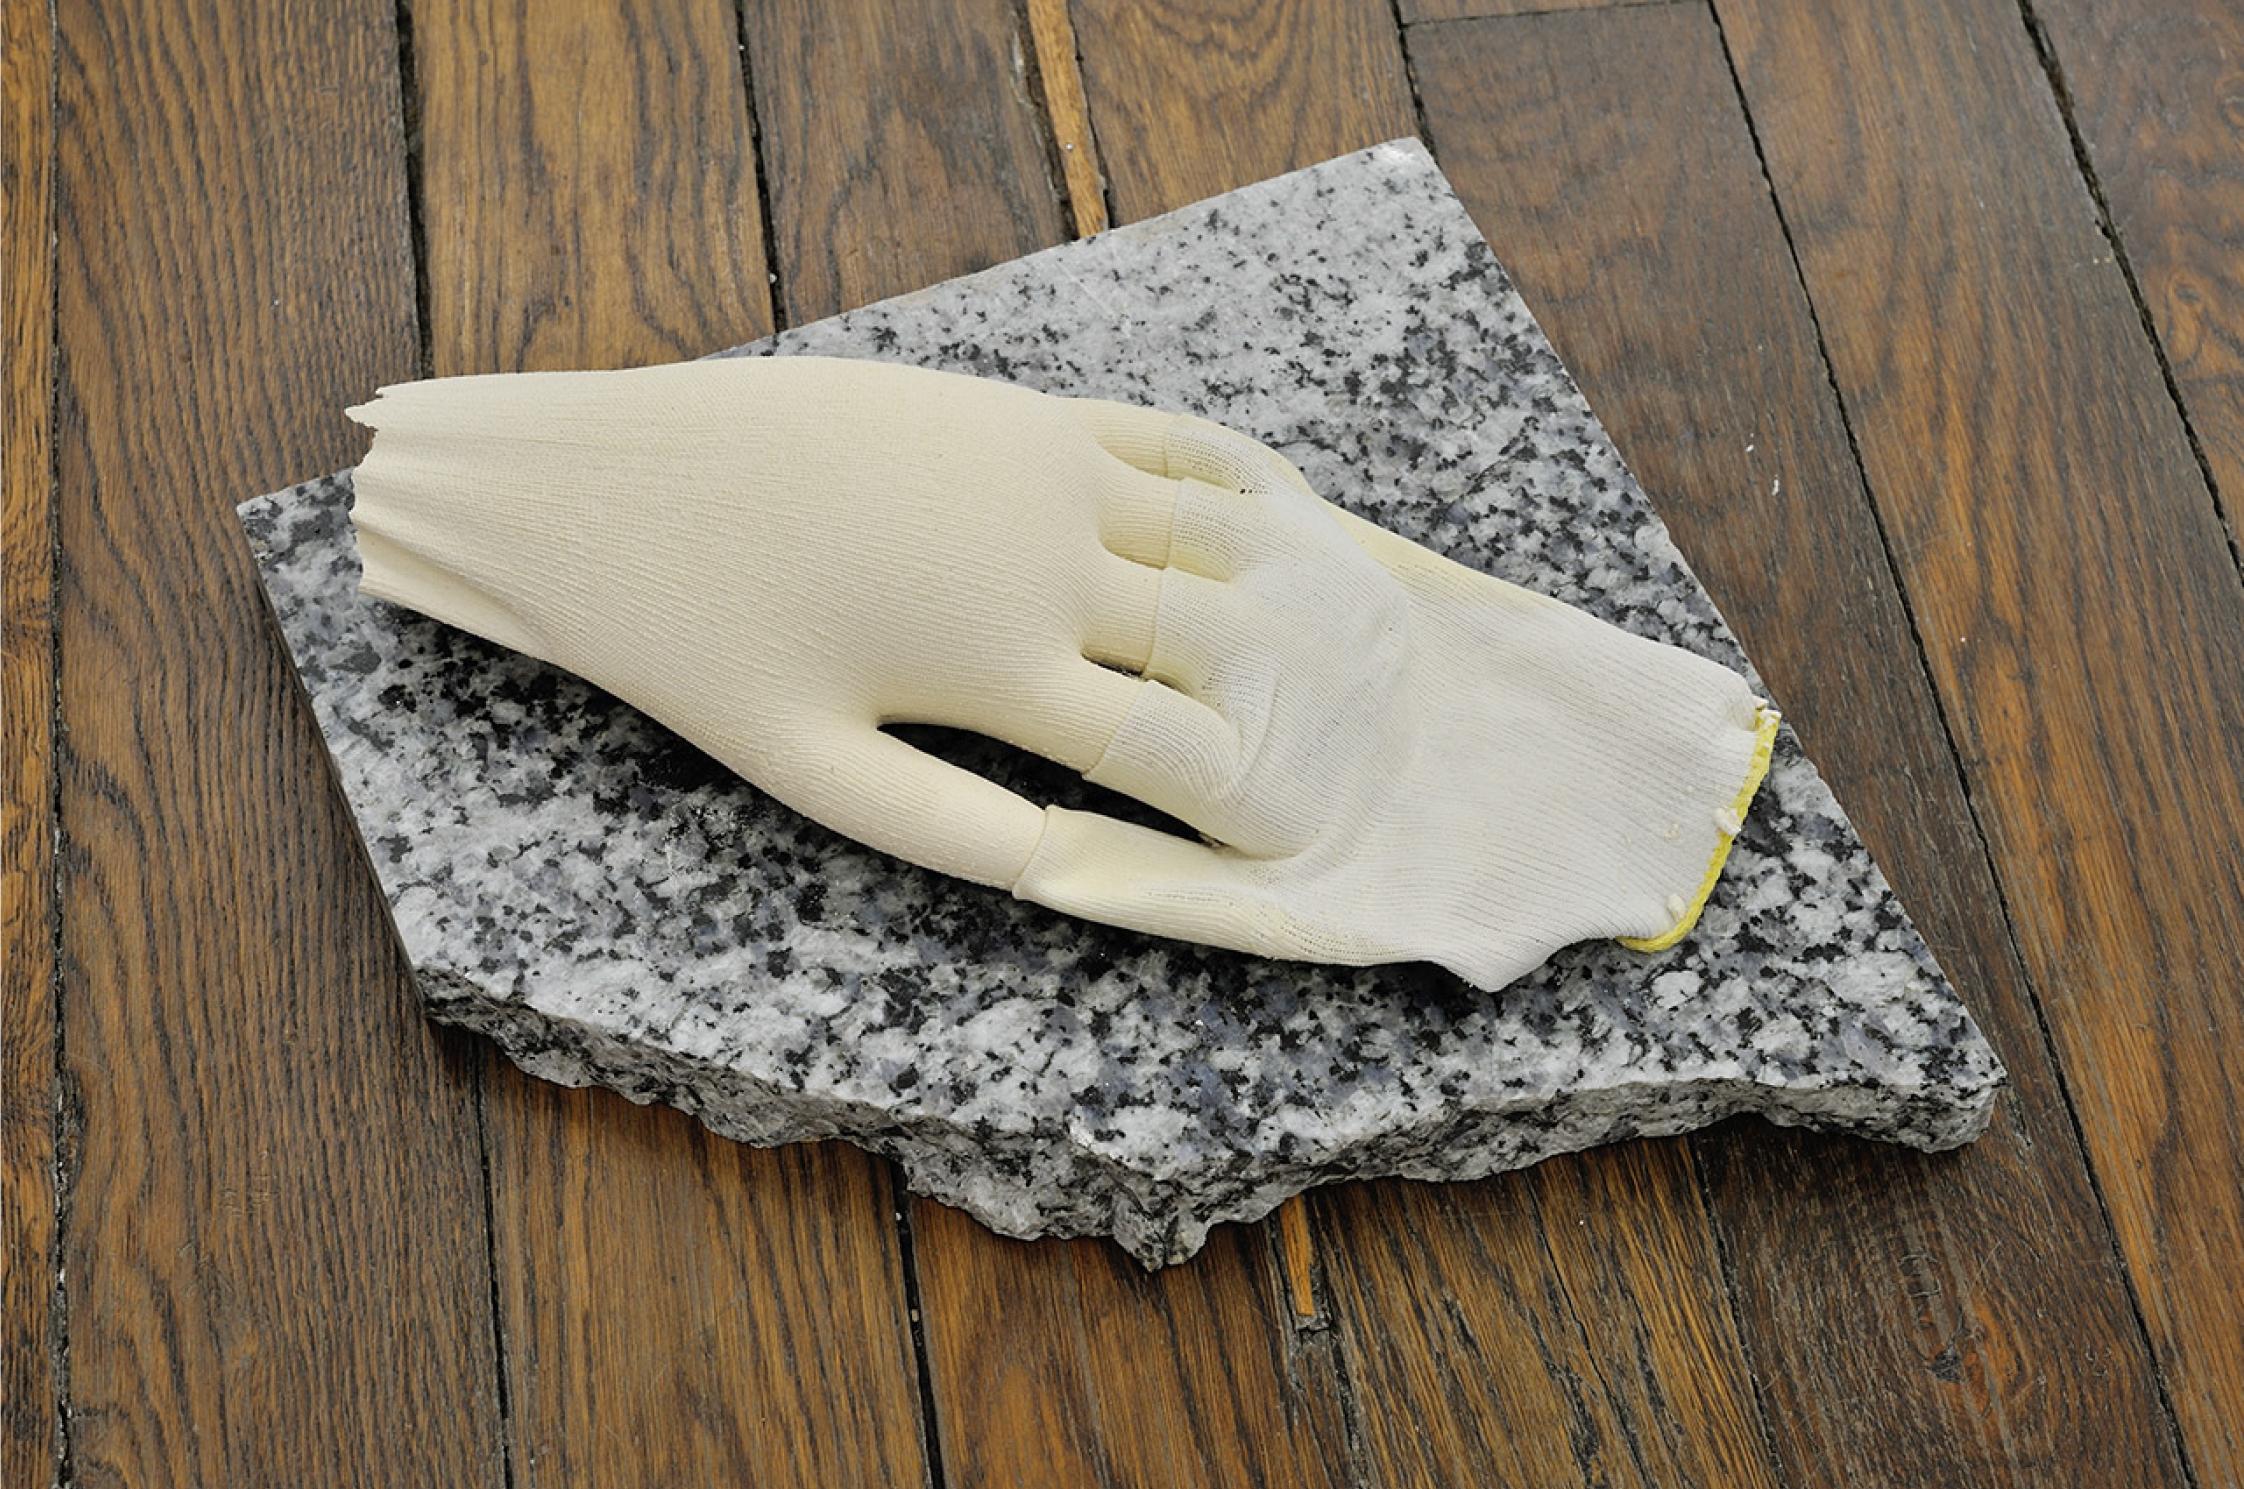 Sergio Verastegui, Untitled, 2015 plaster, marble, work glove 31 x 33 x 10 cm - 12 1/4 x 13 x 3 7/8 inches